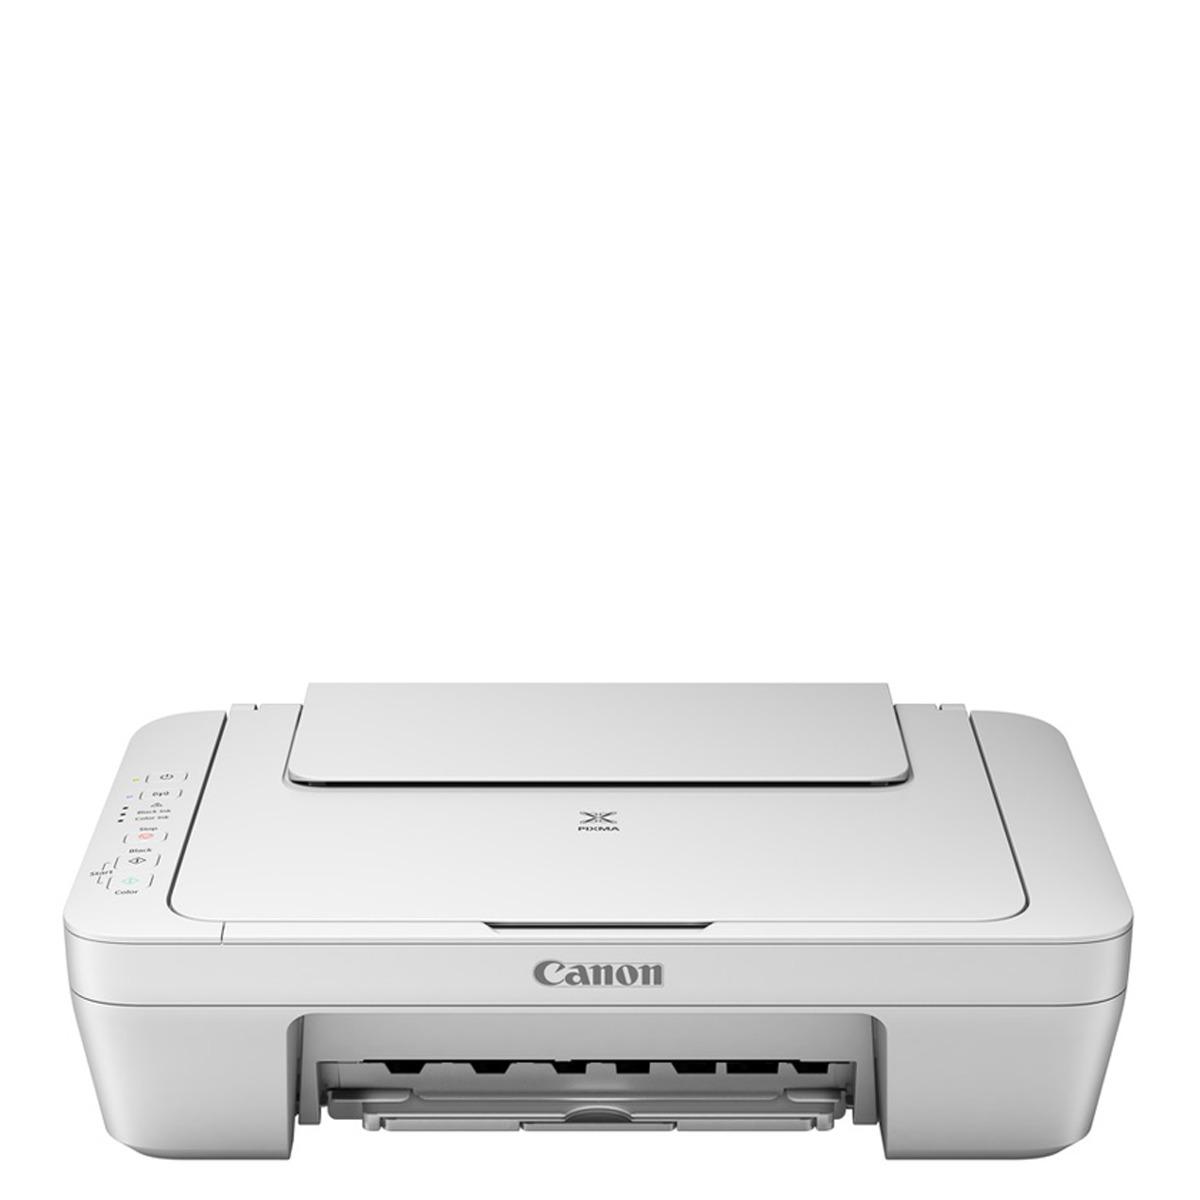 Multifunción tinta Canon PIXMA MG2950, Wi-Fi